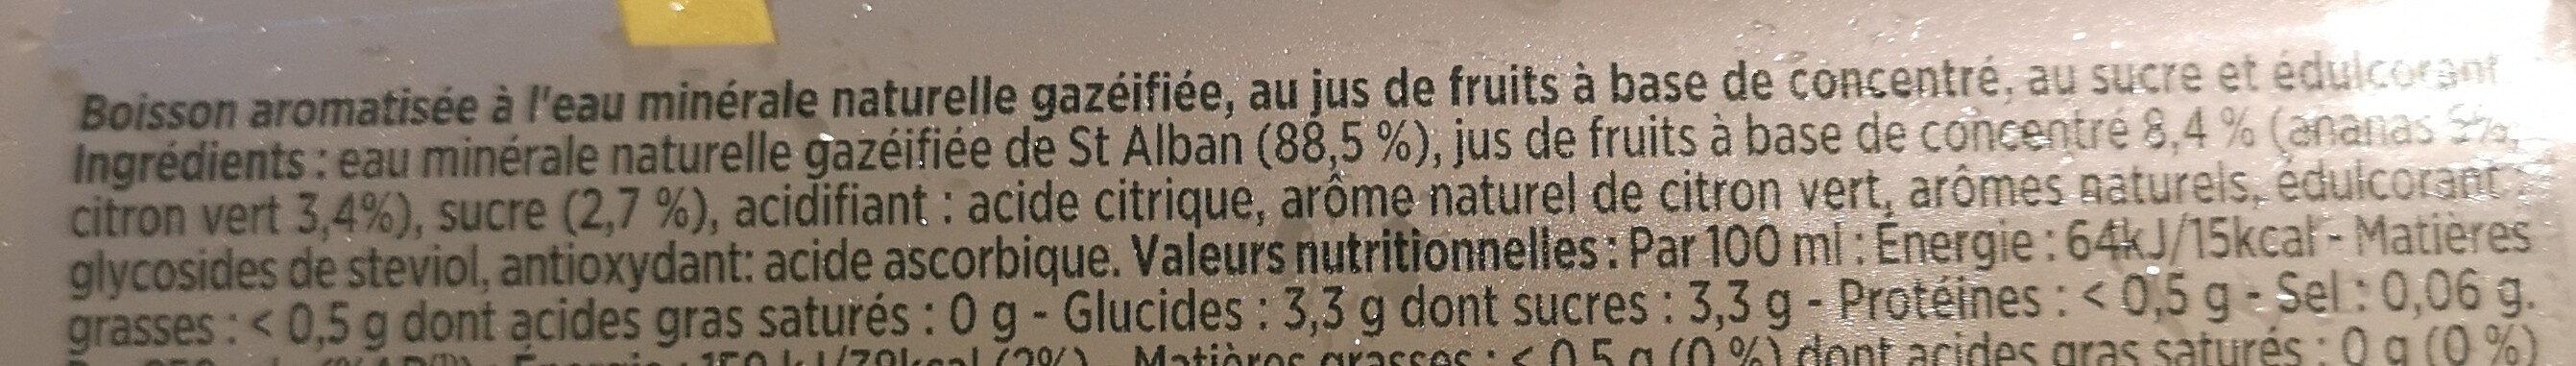 Bulles de fruit ananas touche de citron vert - Ingrédients - fr